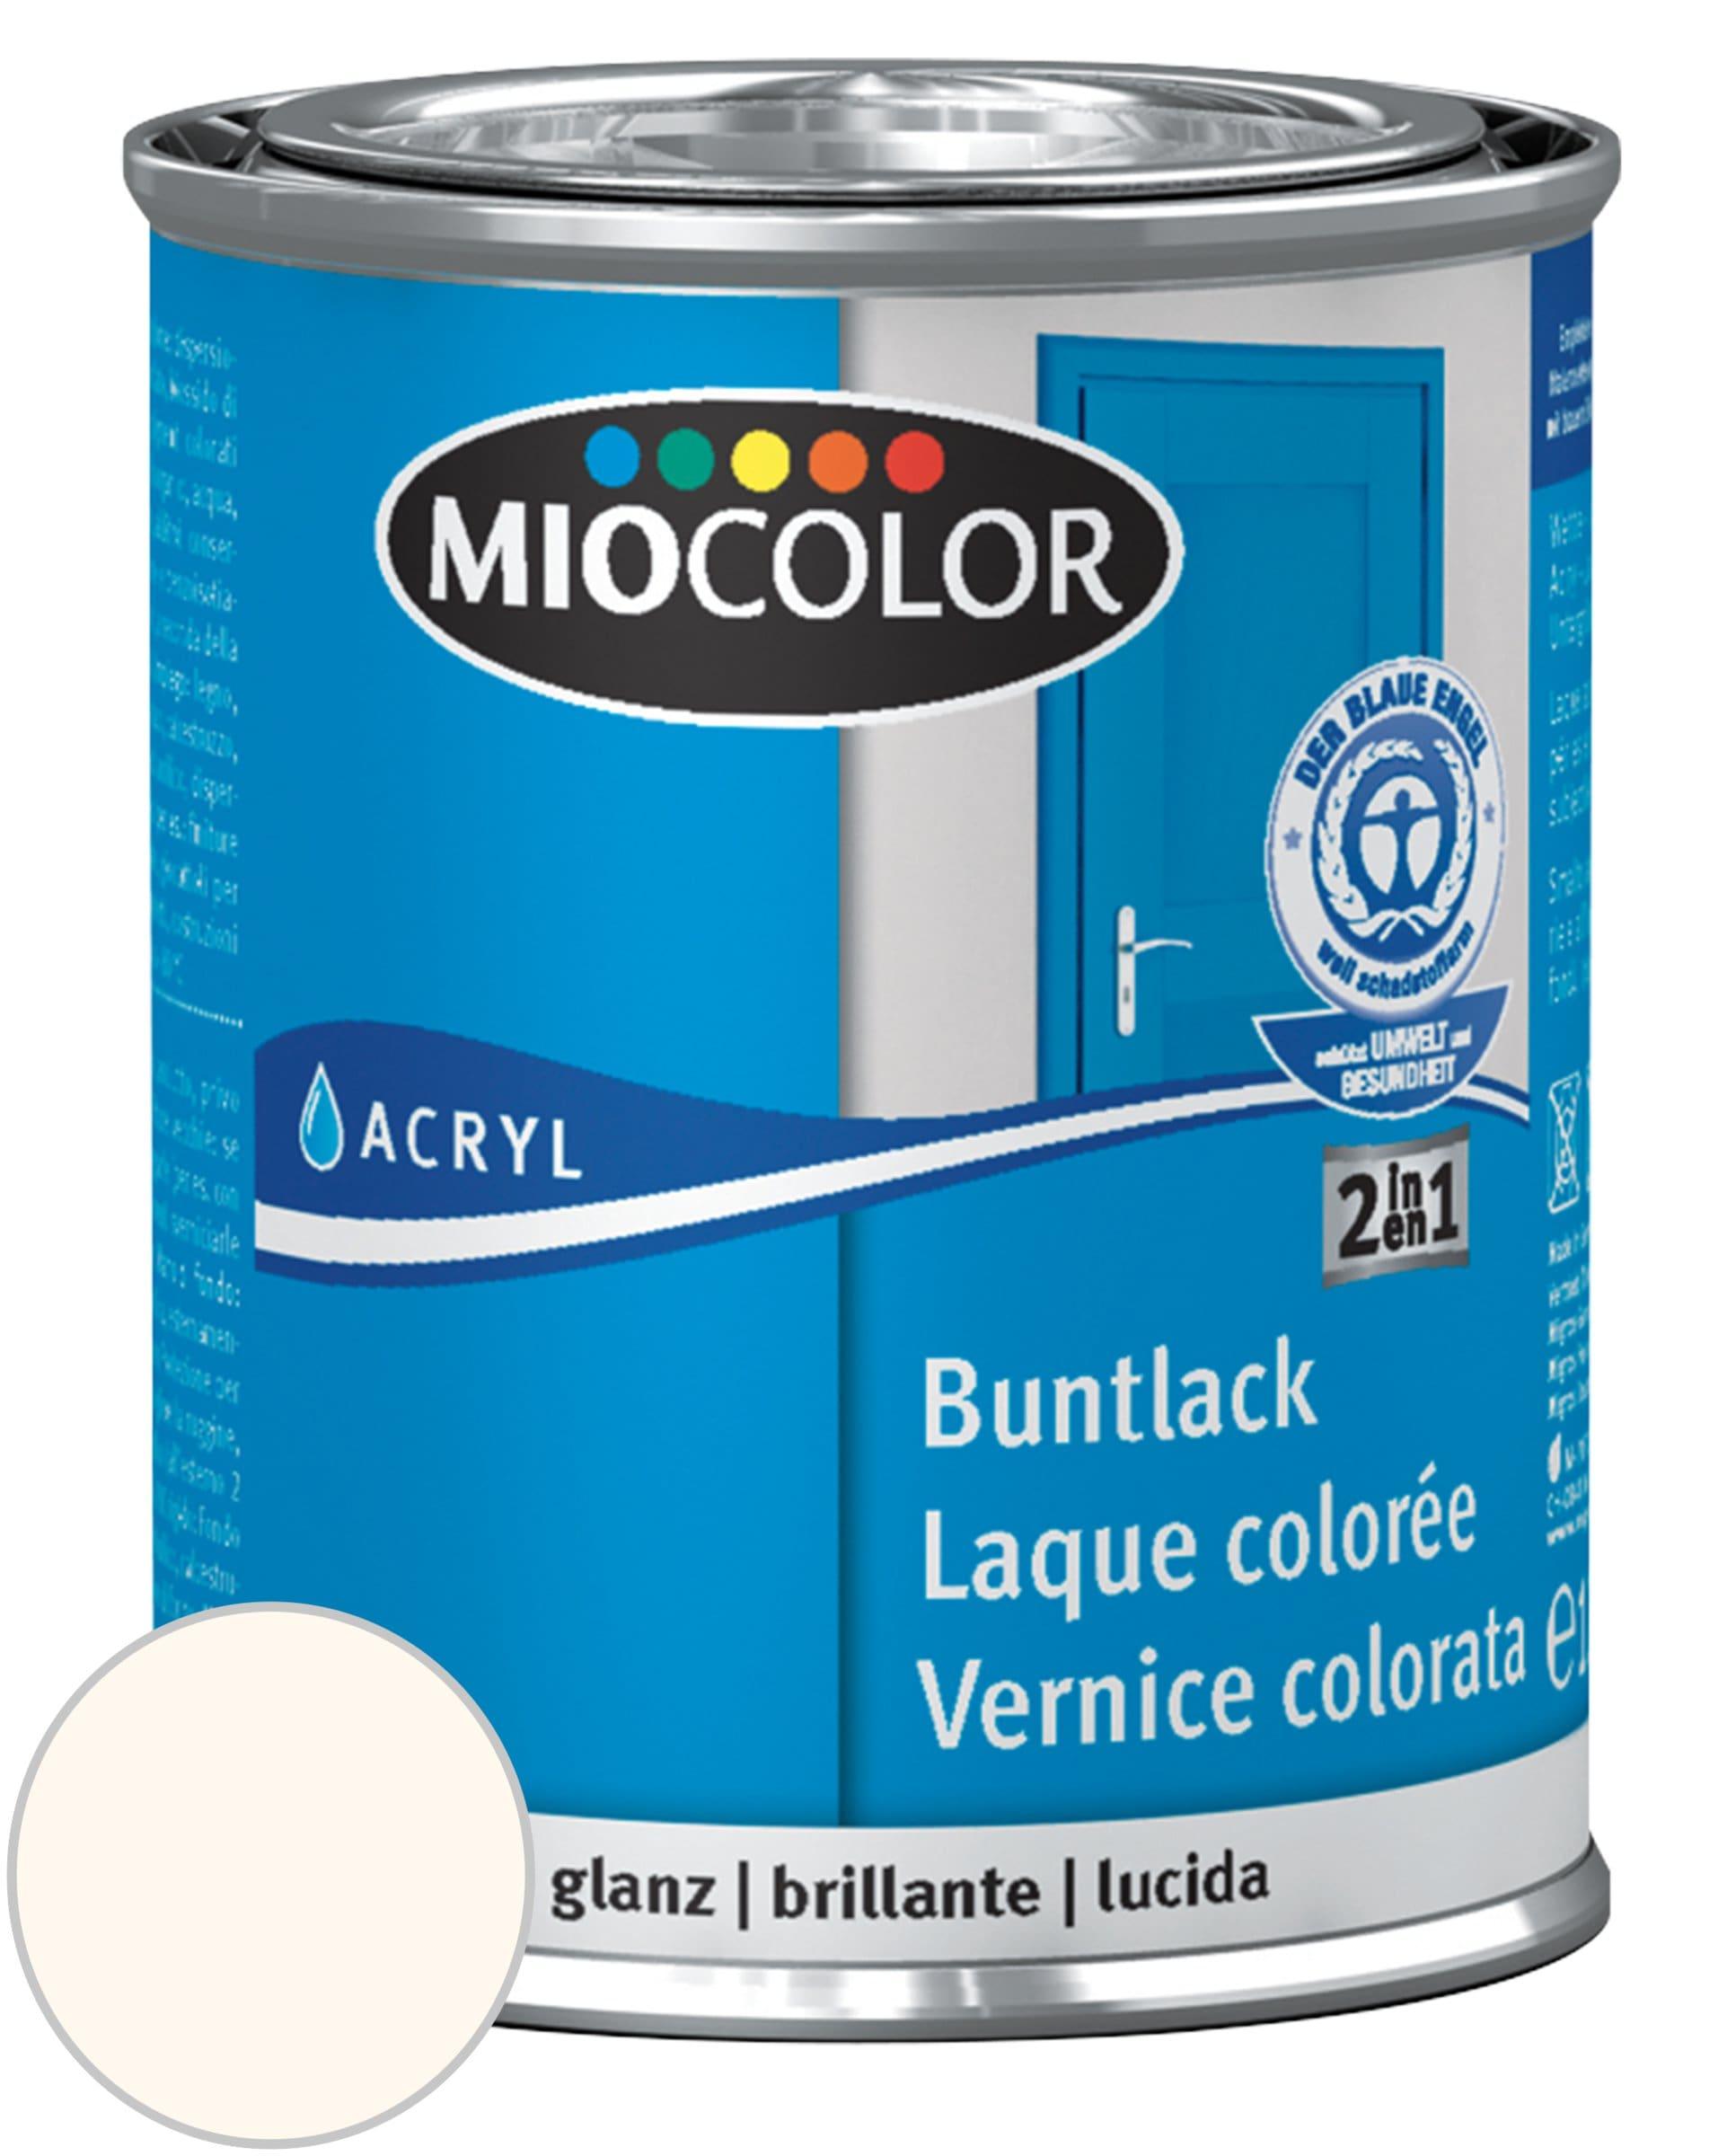 Miocolor Acryl Pittura per pavimenti Grigio ghiaia  750 ml